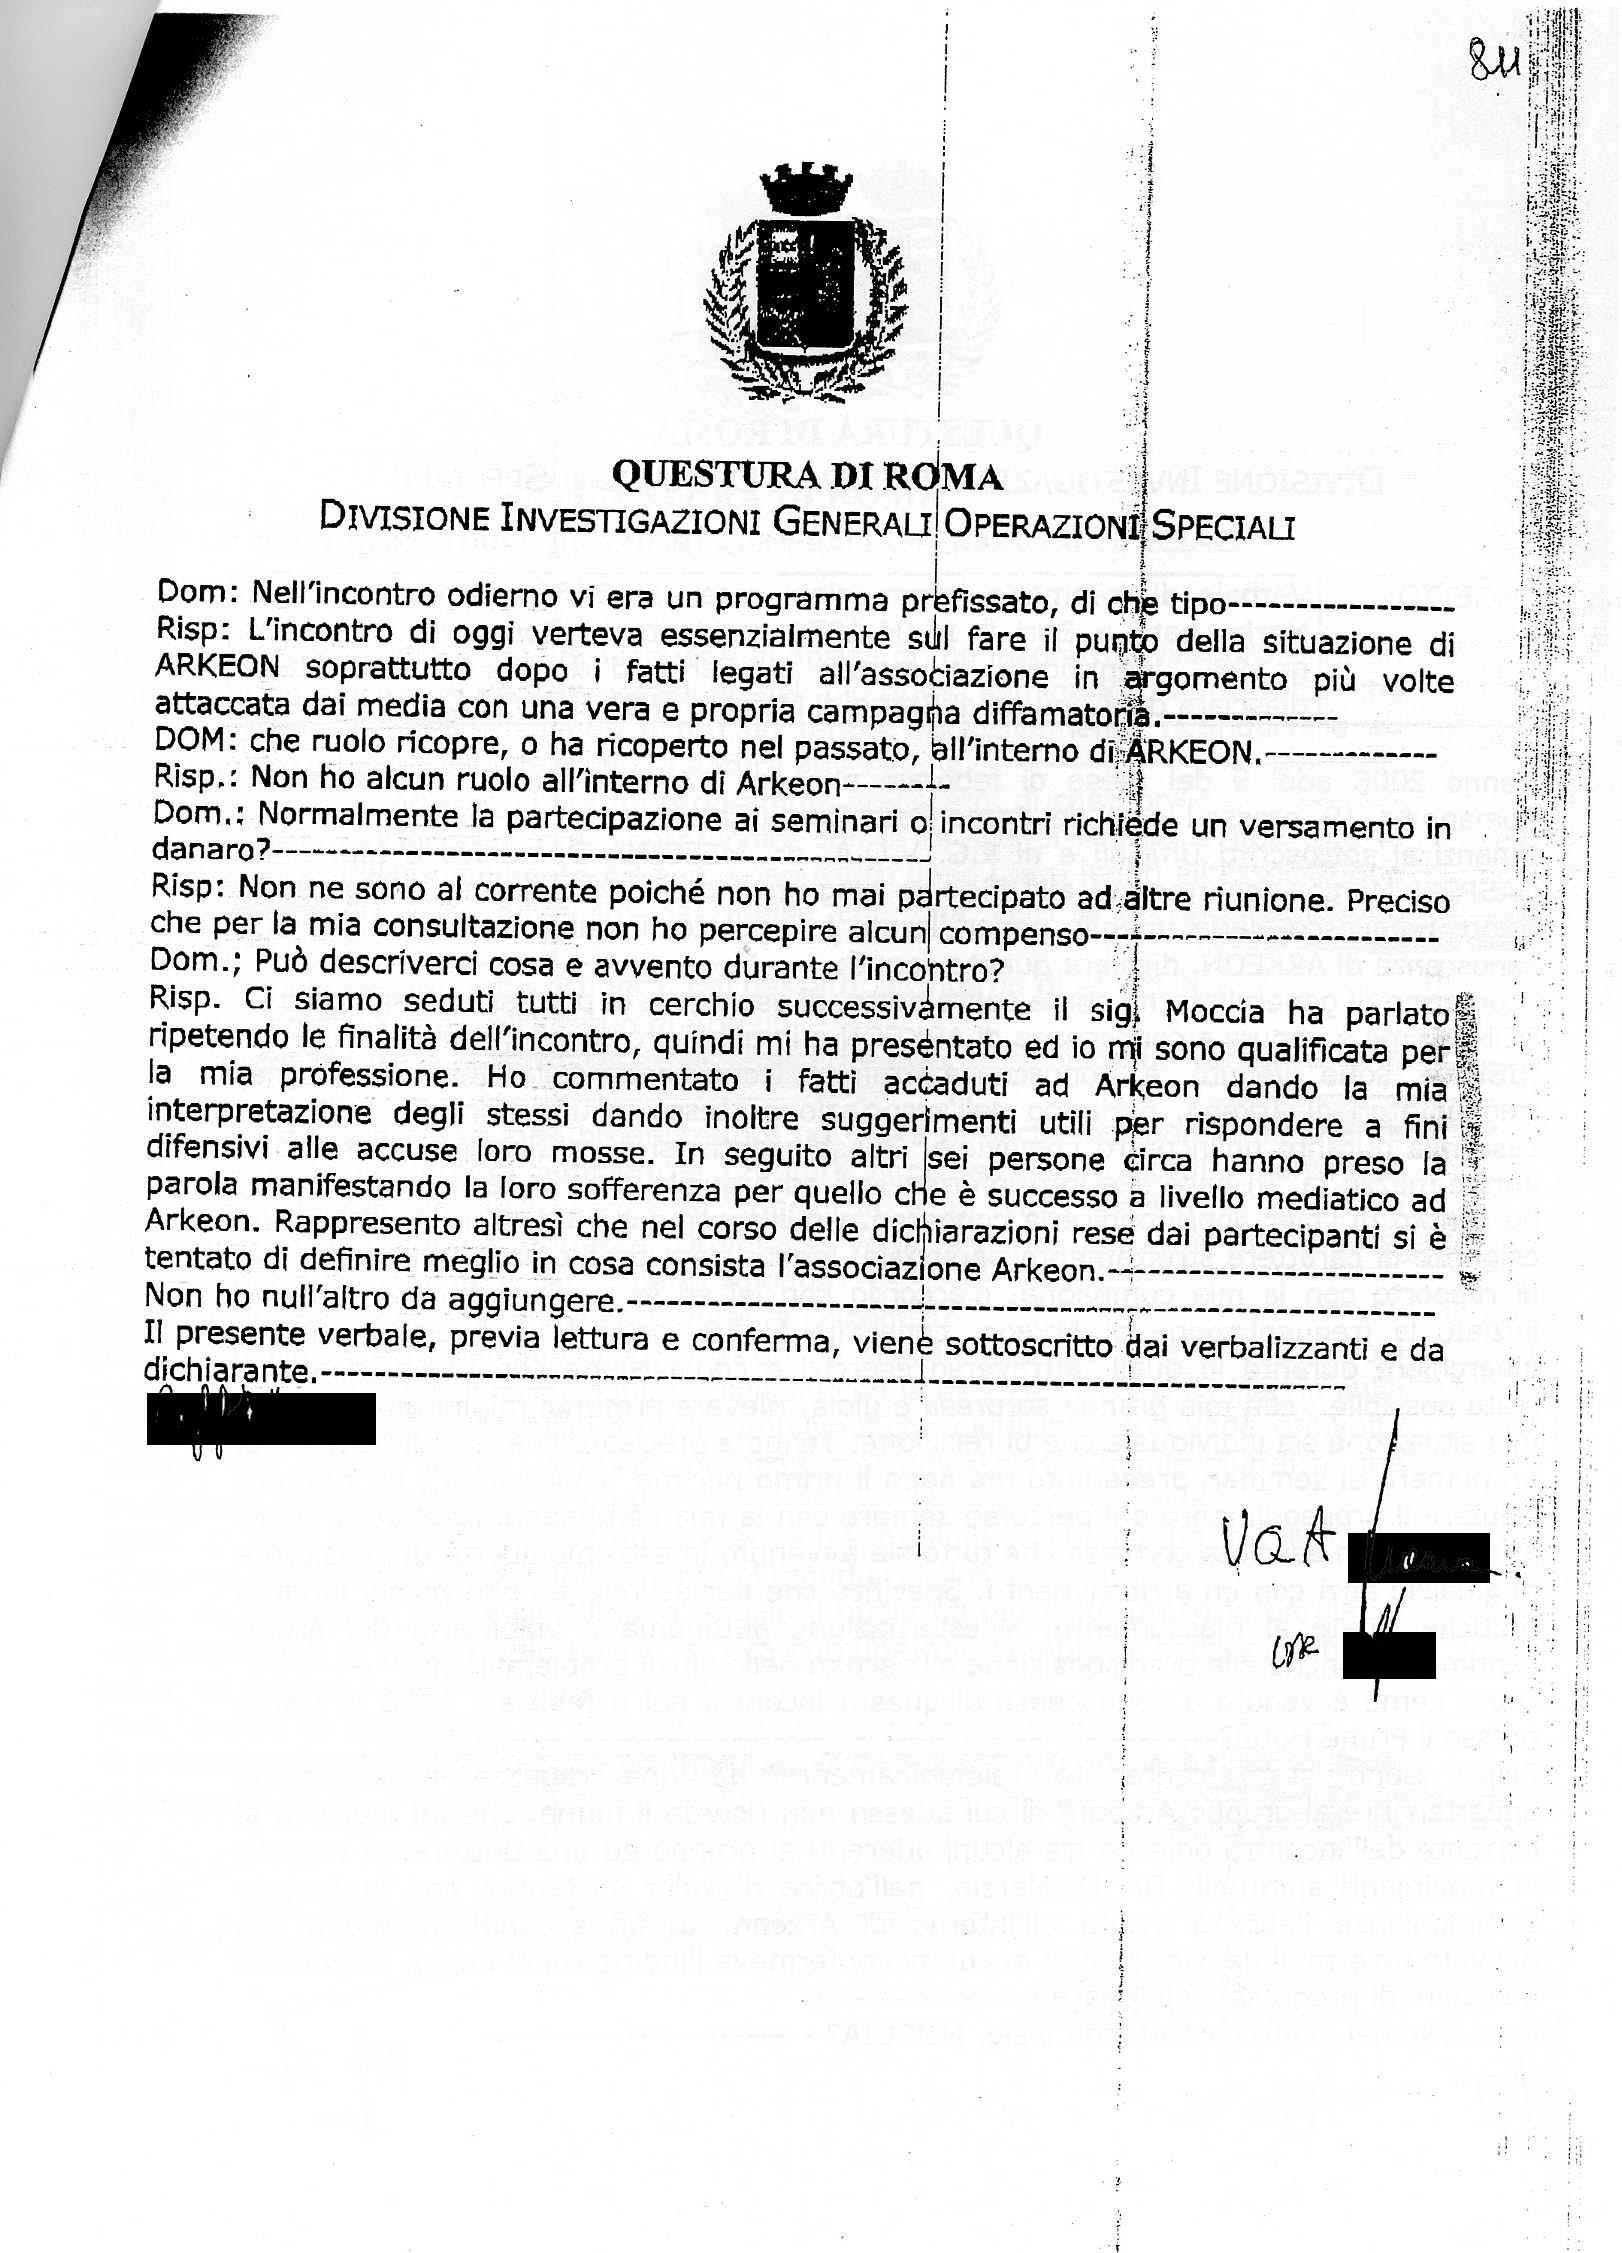 Photo: 9 febbraio 2008 - Dichiarazione rilasciata alla Digos di Roma, p.2